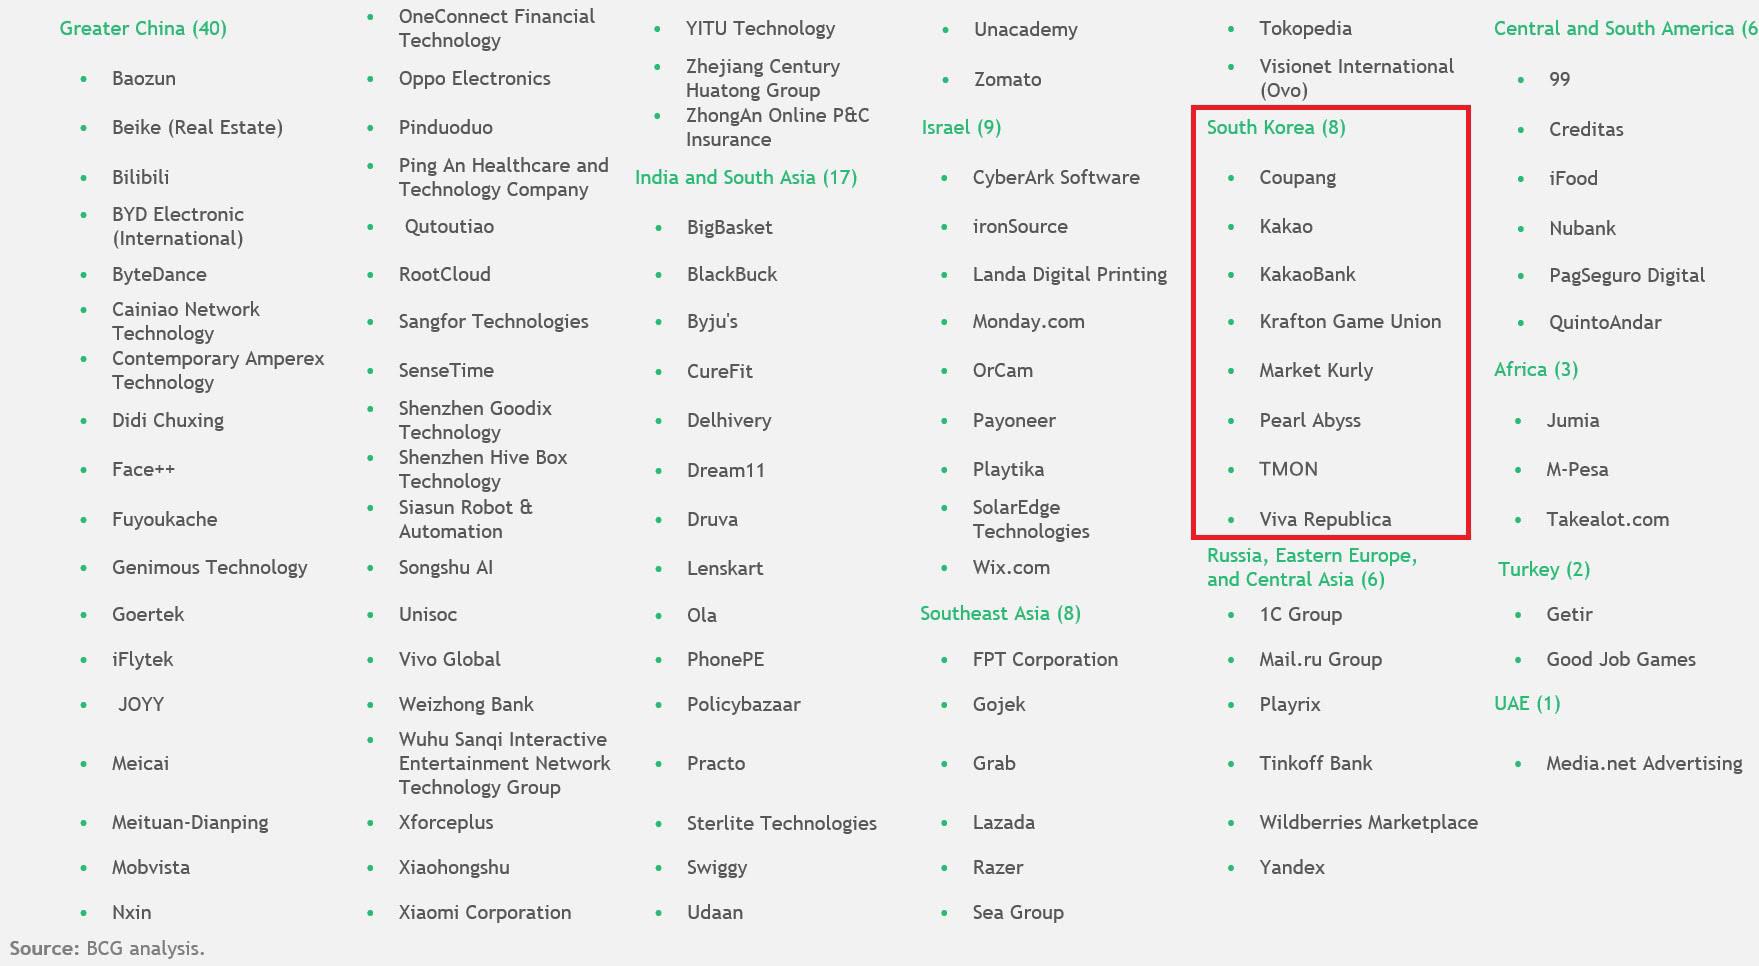 [보도자료] 보스턴컨설팅그룹, 차세대 혁신과 성장 견인할 이머징 마켓 100대 기술 기업 공개 1